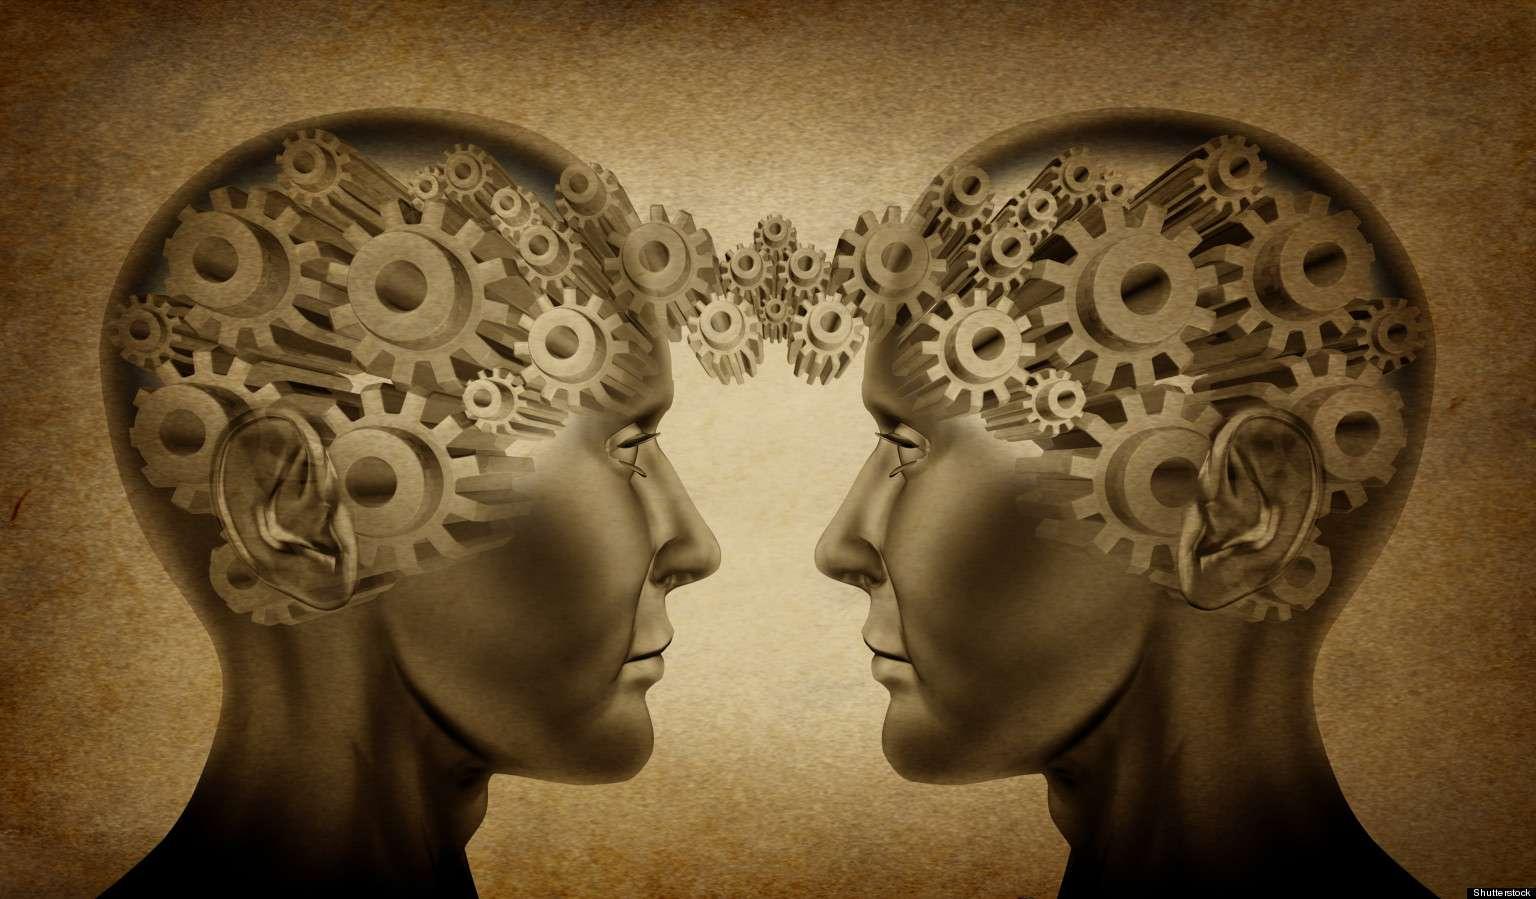 Οι ανορθολογιστές κάνουν ένα σοβαρό λάθος όταν θέλουν να χωρίσουν την υπαρξιακή πηγή της σκέψης, που ορθά την τοποθετούν πέρα από τις λογικά επεξεργασμένες επιχειρηματολογίες, από την απορροή της, δηλ. από τη σκέψη την ίδια.